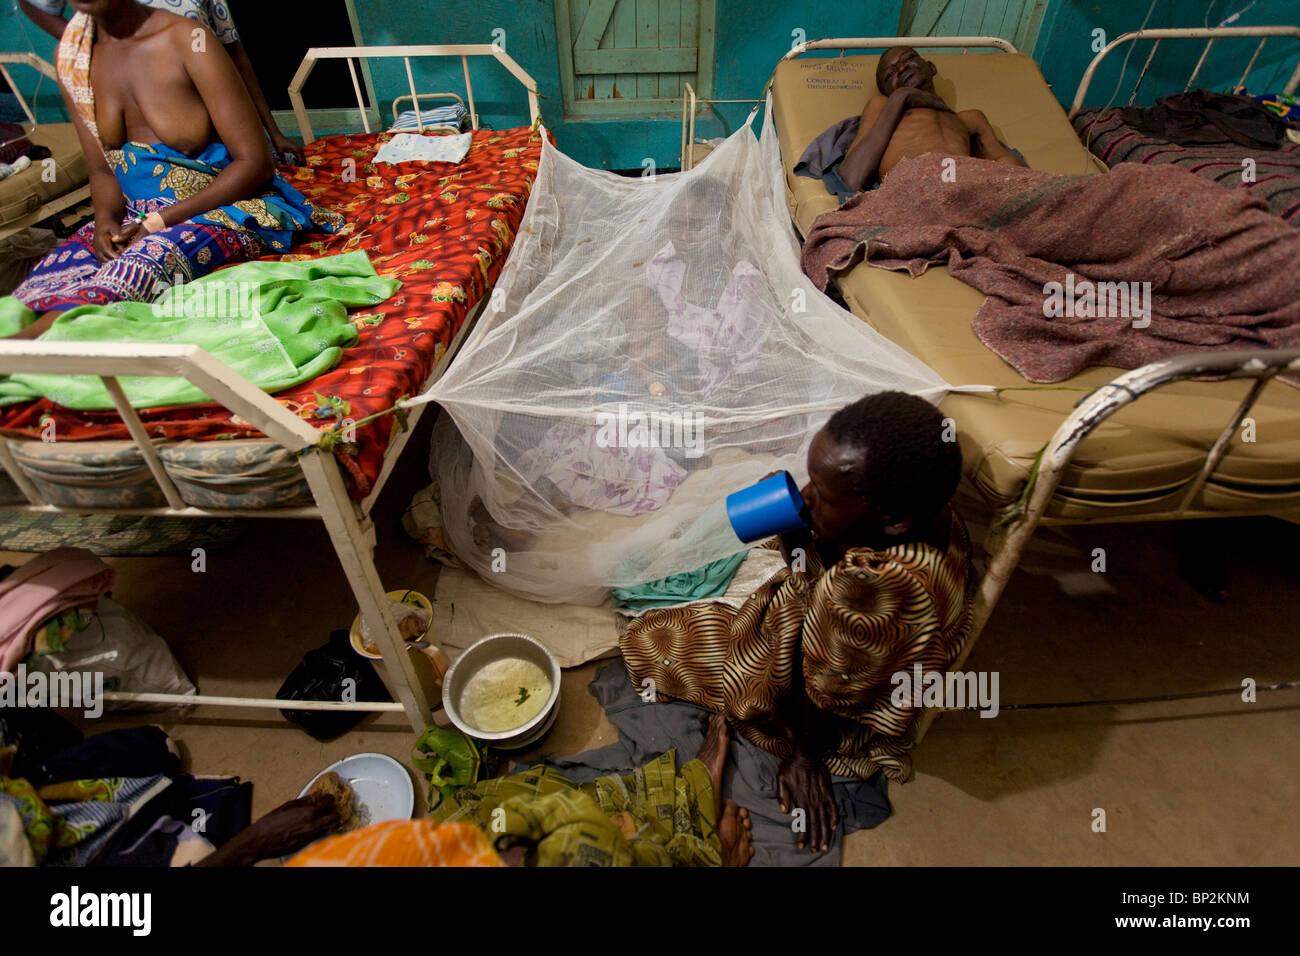 Patienten ruhen auf dem Boden eines überfüllten Krankenhauses in Amuria, NE Uganda, Ostafrika. Stockbild